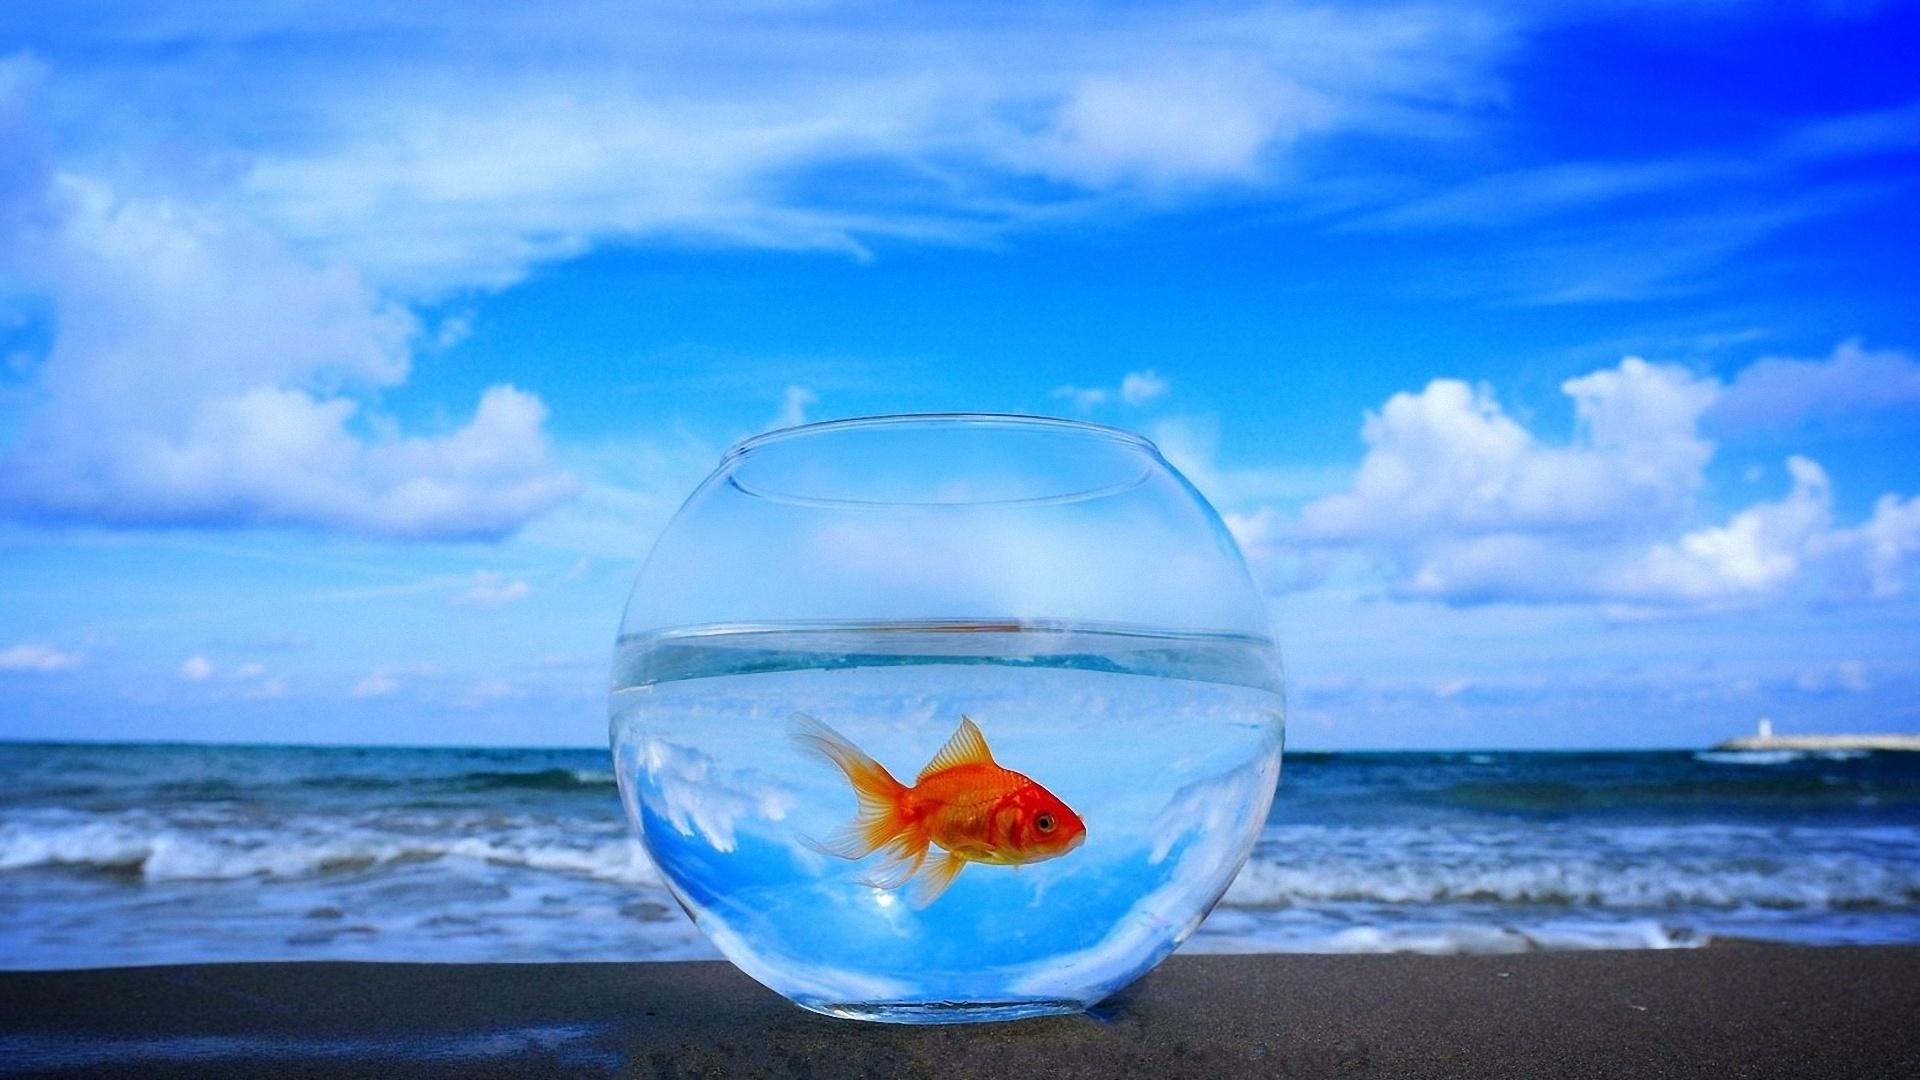 47514 Заставки и Обои Рыбы на телефон. Скачать Рыбы, Животные картинки бесплатно